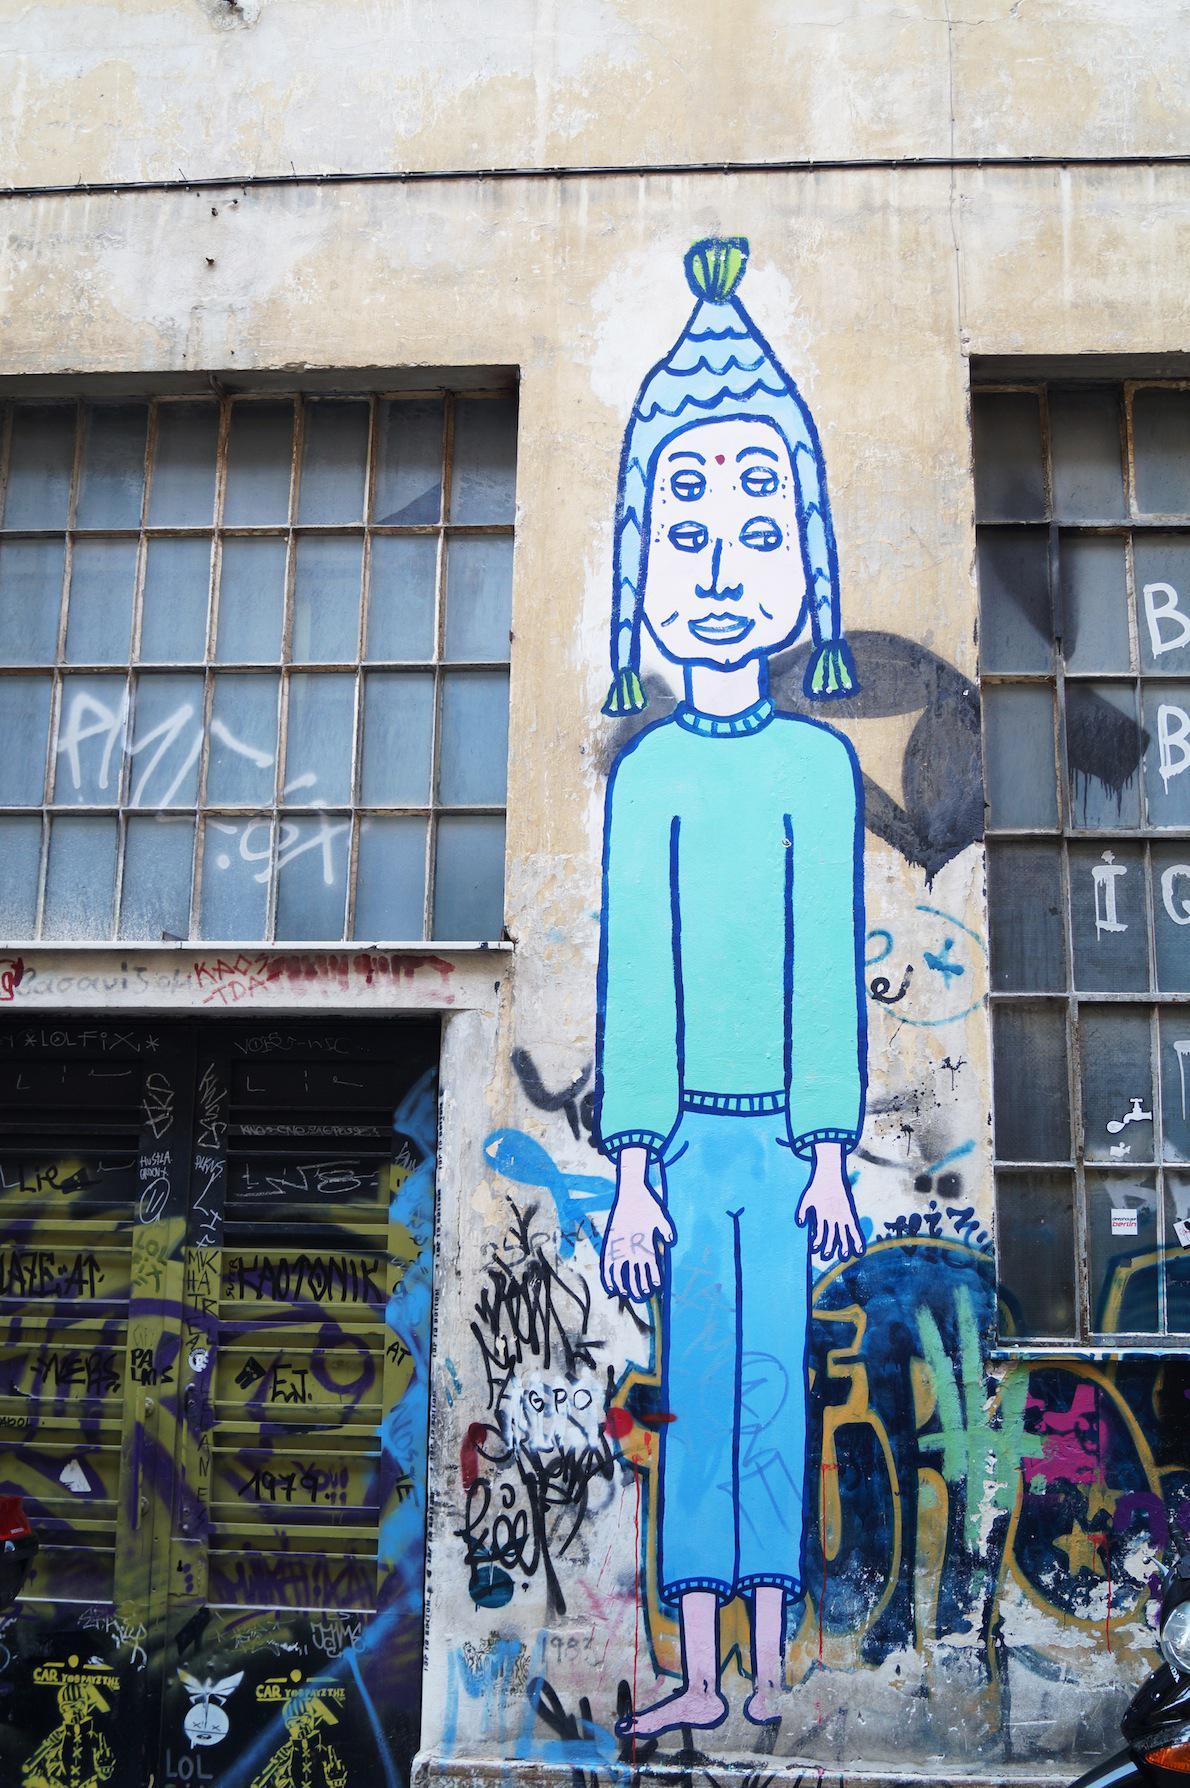 Ψυρρή Writer: Cacao Rocks O γνωστός καλλιτέχνης μισός  Έλληνας μισός Γάλλος χρησιμοποιεί κυρίως πλαστικό χρώμα και pastel αποχρώσεις